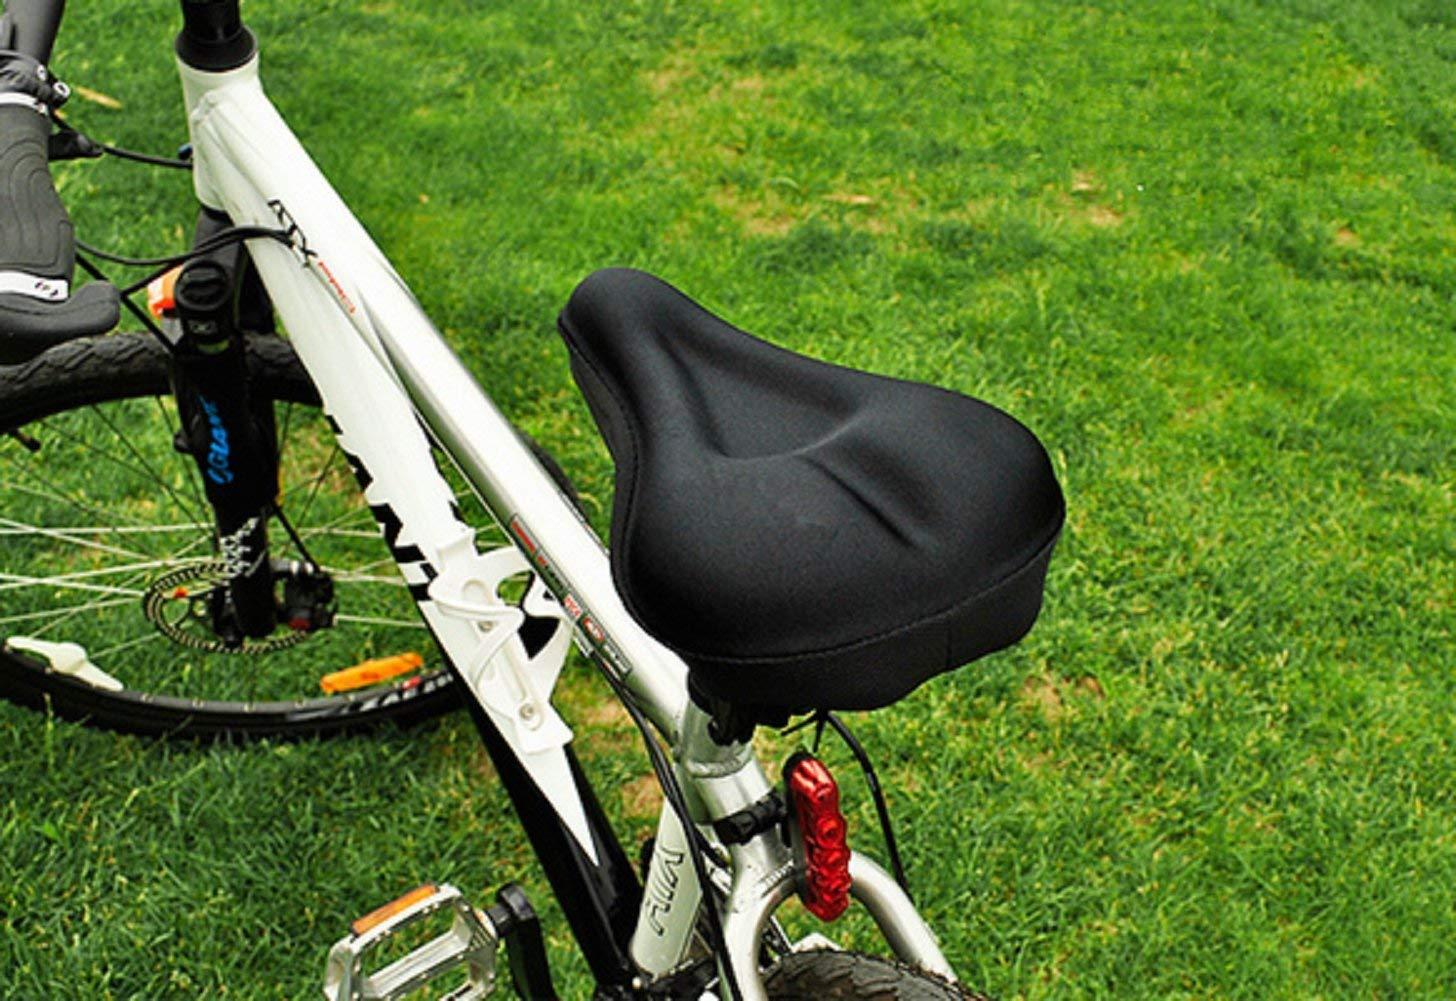 HDMI SM Cubierta de sill/ín de Bicicleta Cubierta de sill/ín Cubierta de coj/ín de Asiento de Bicicleta y para Hombre